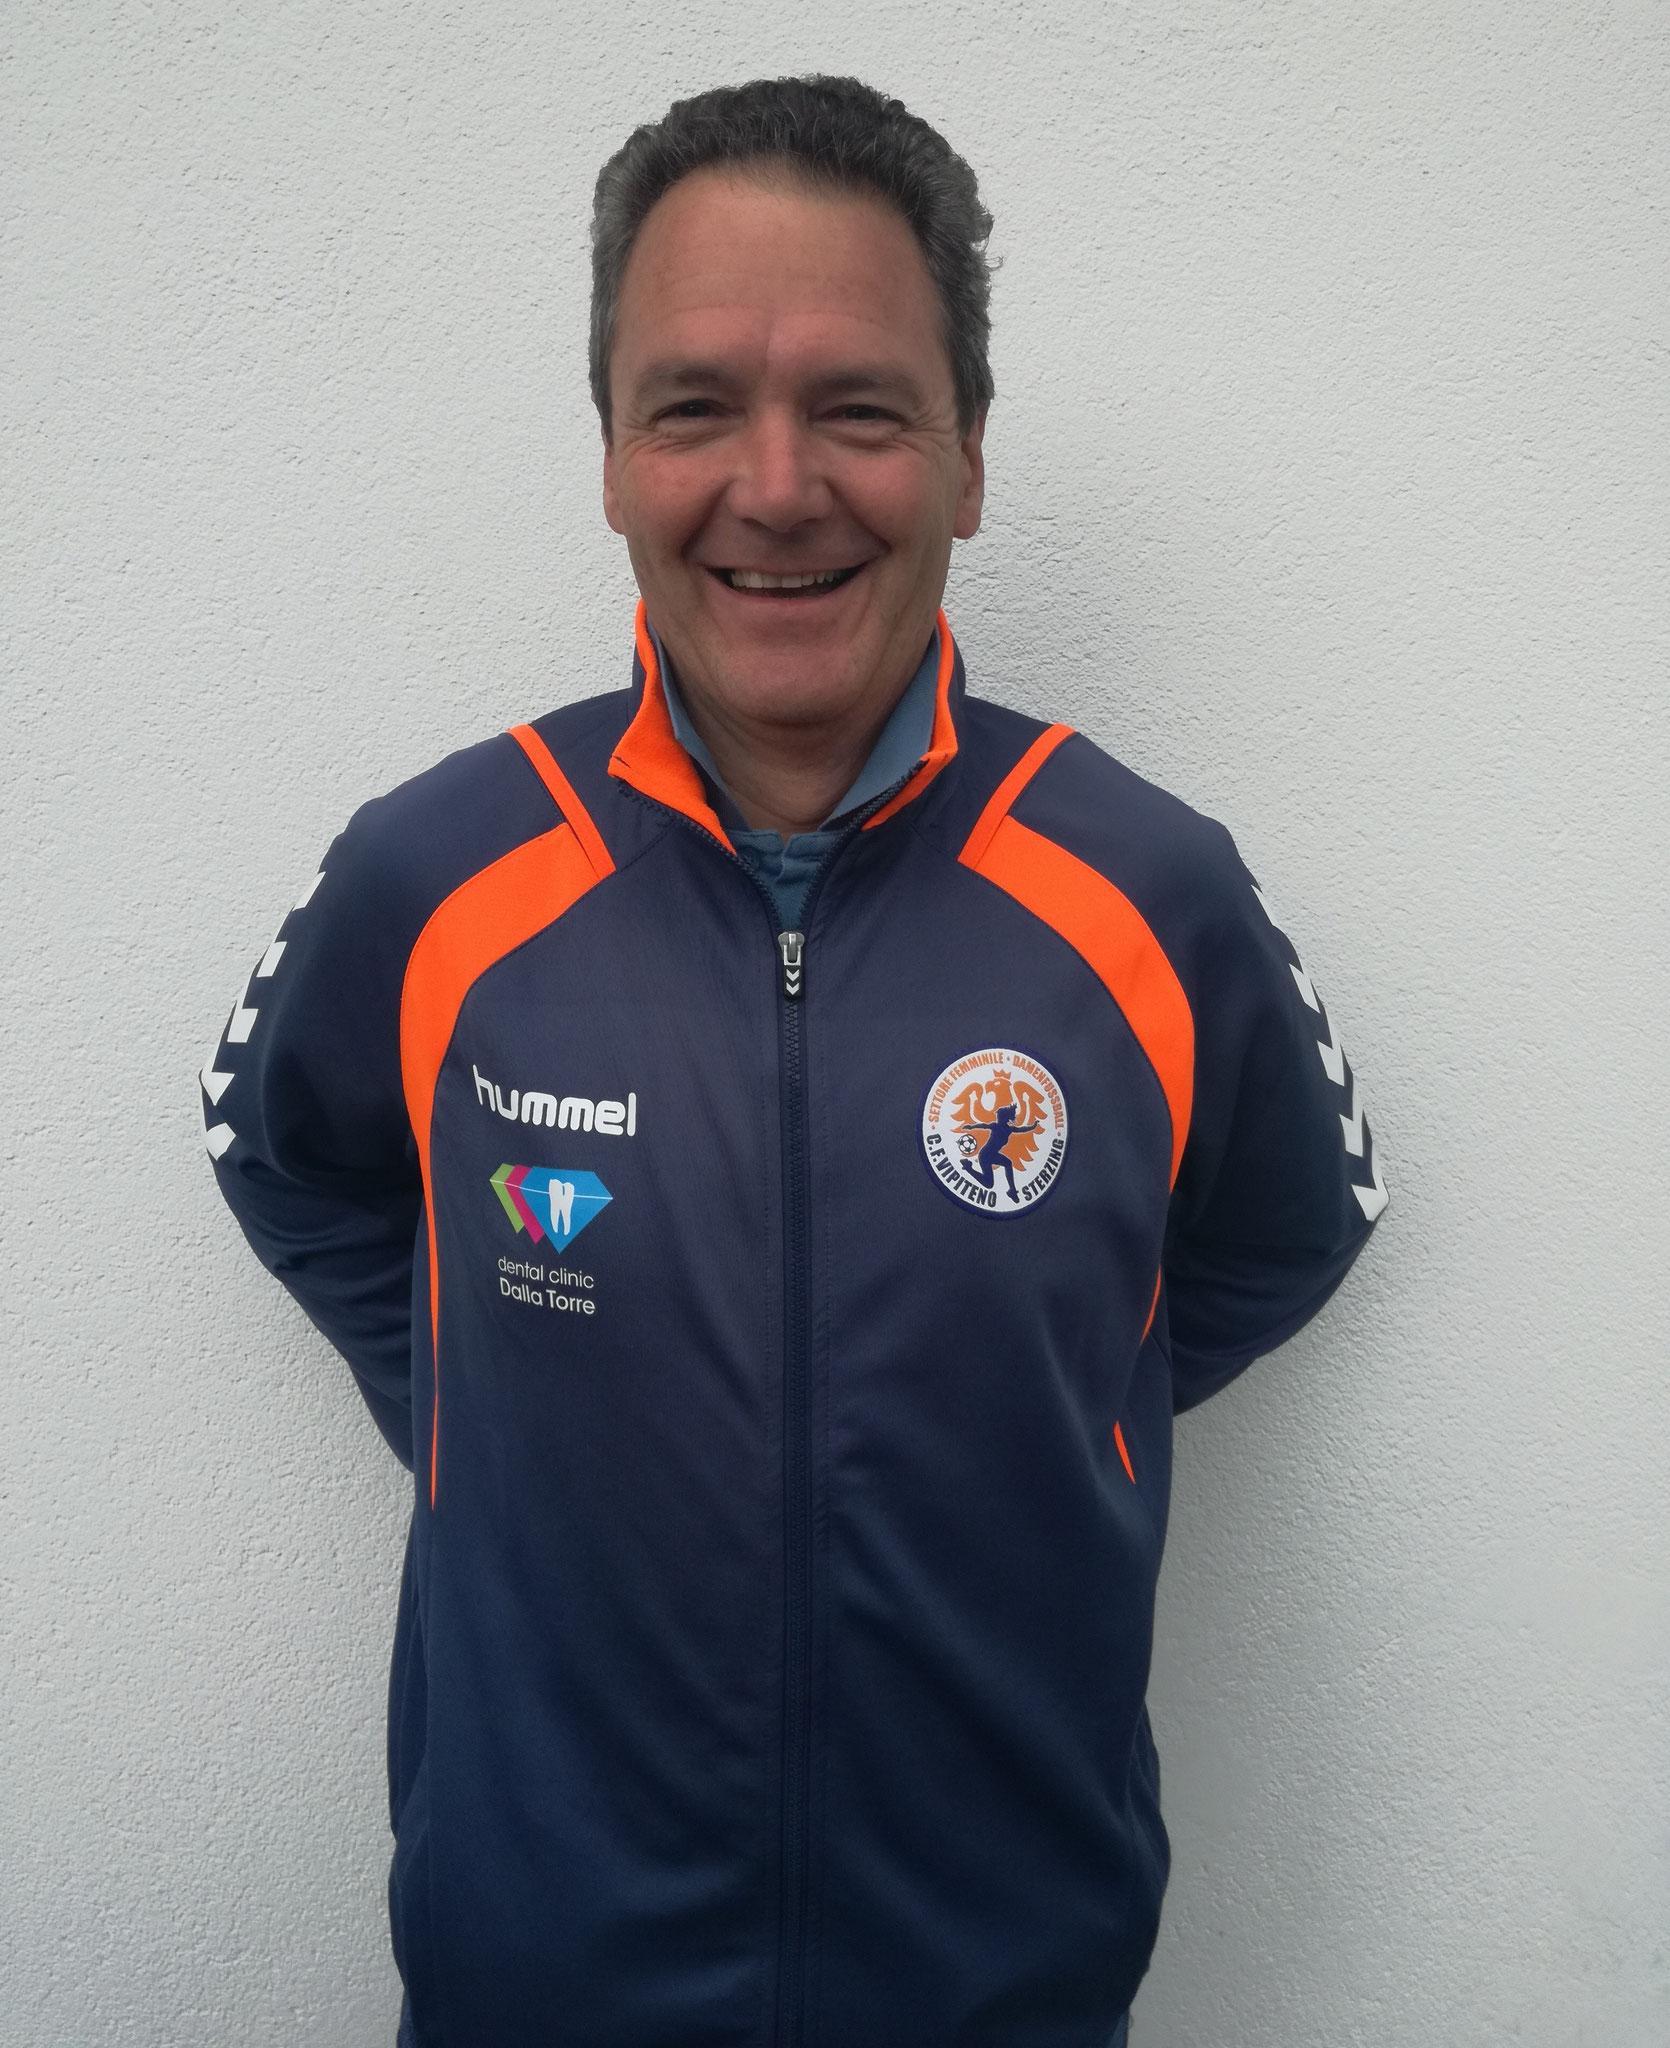 Festini Paolo - Trainer